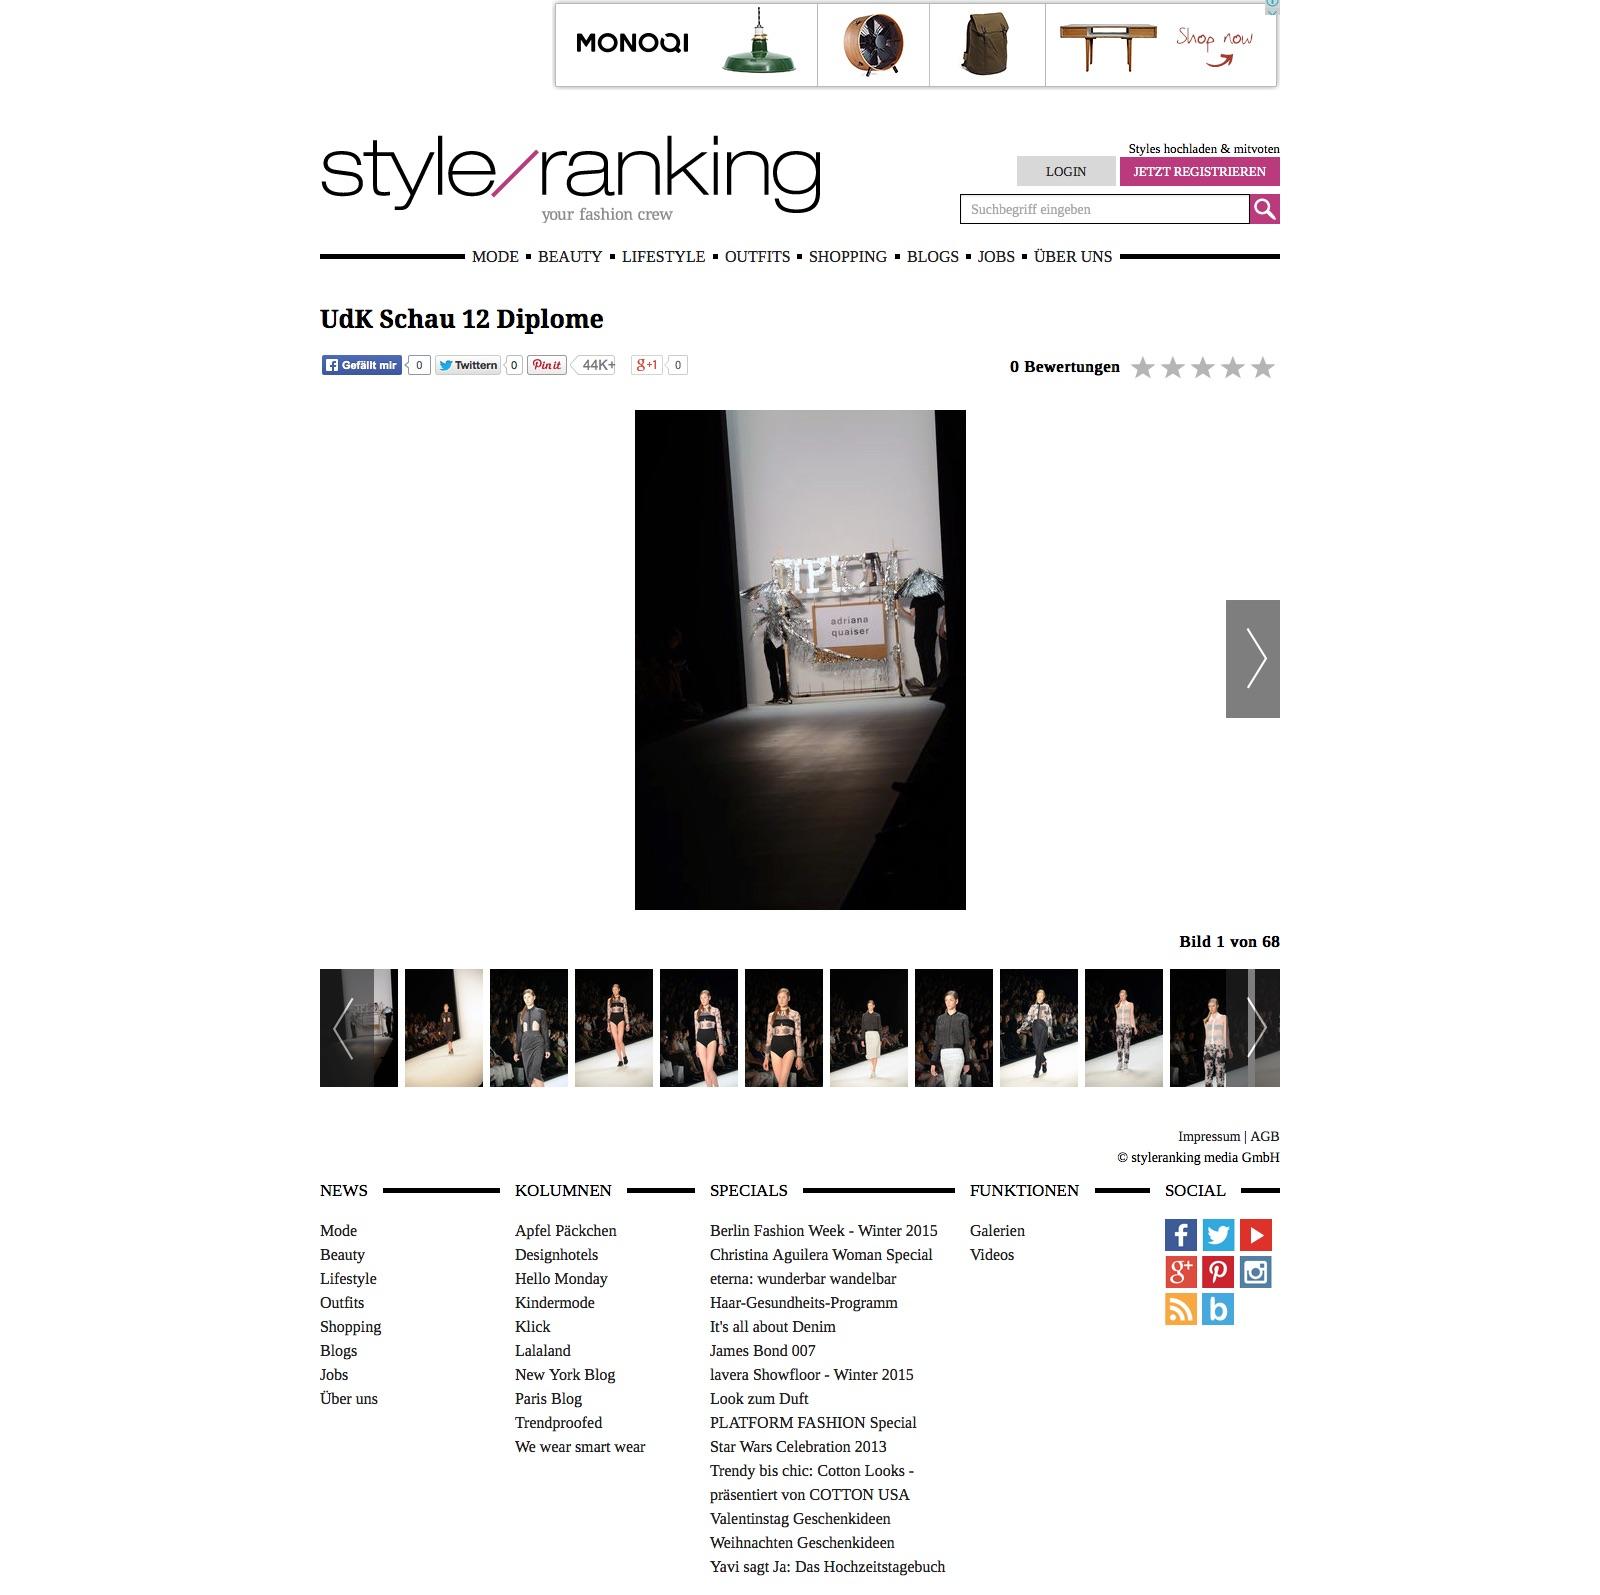 Bildergalerie - UdK Schau 12 Diplome - Bild 1 von 68 | styleranking